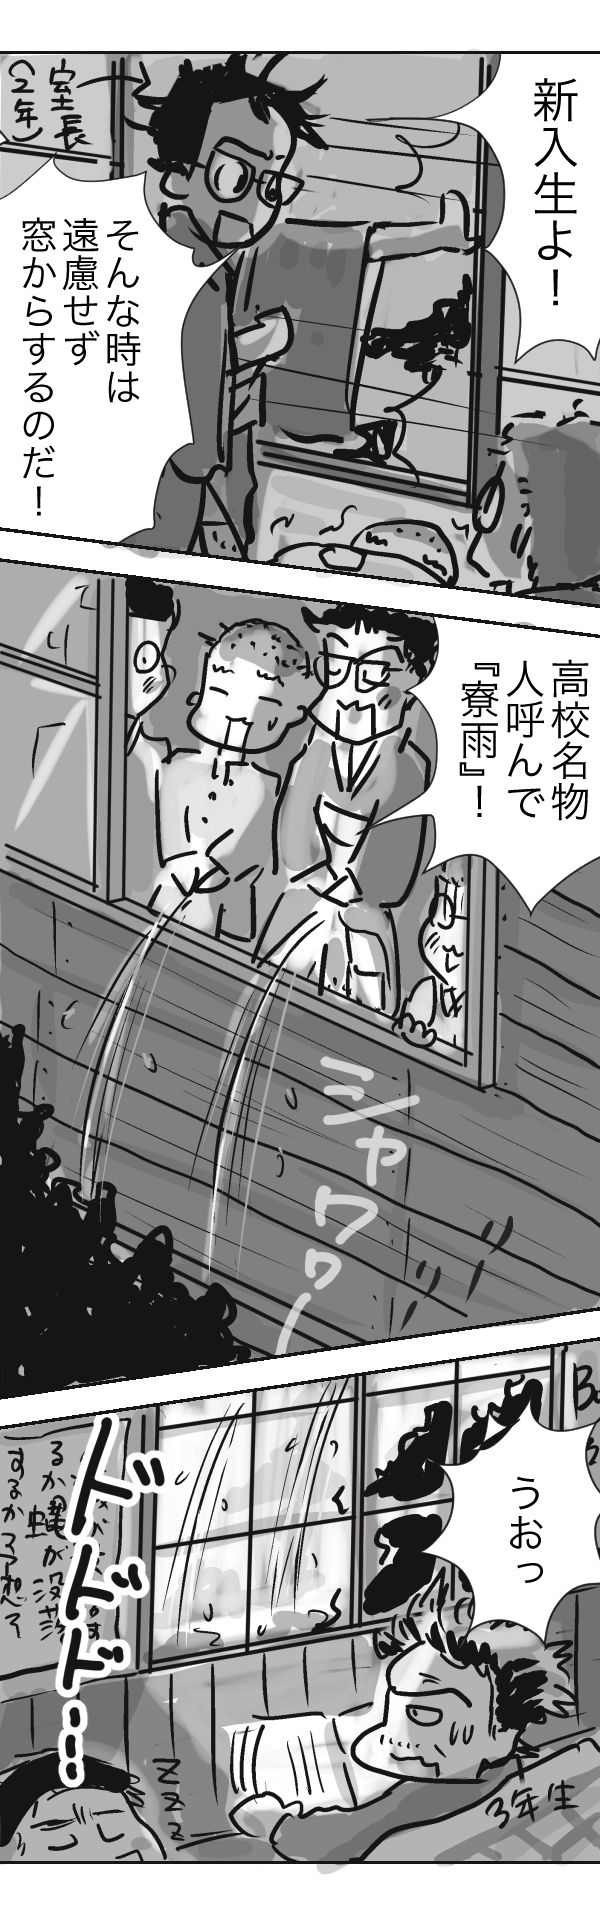 山田金沢2−2−1